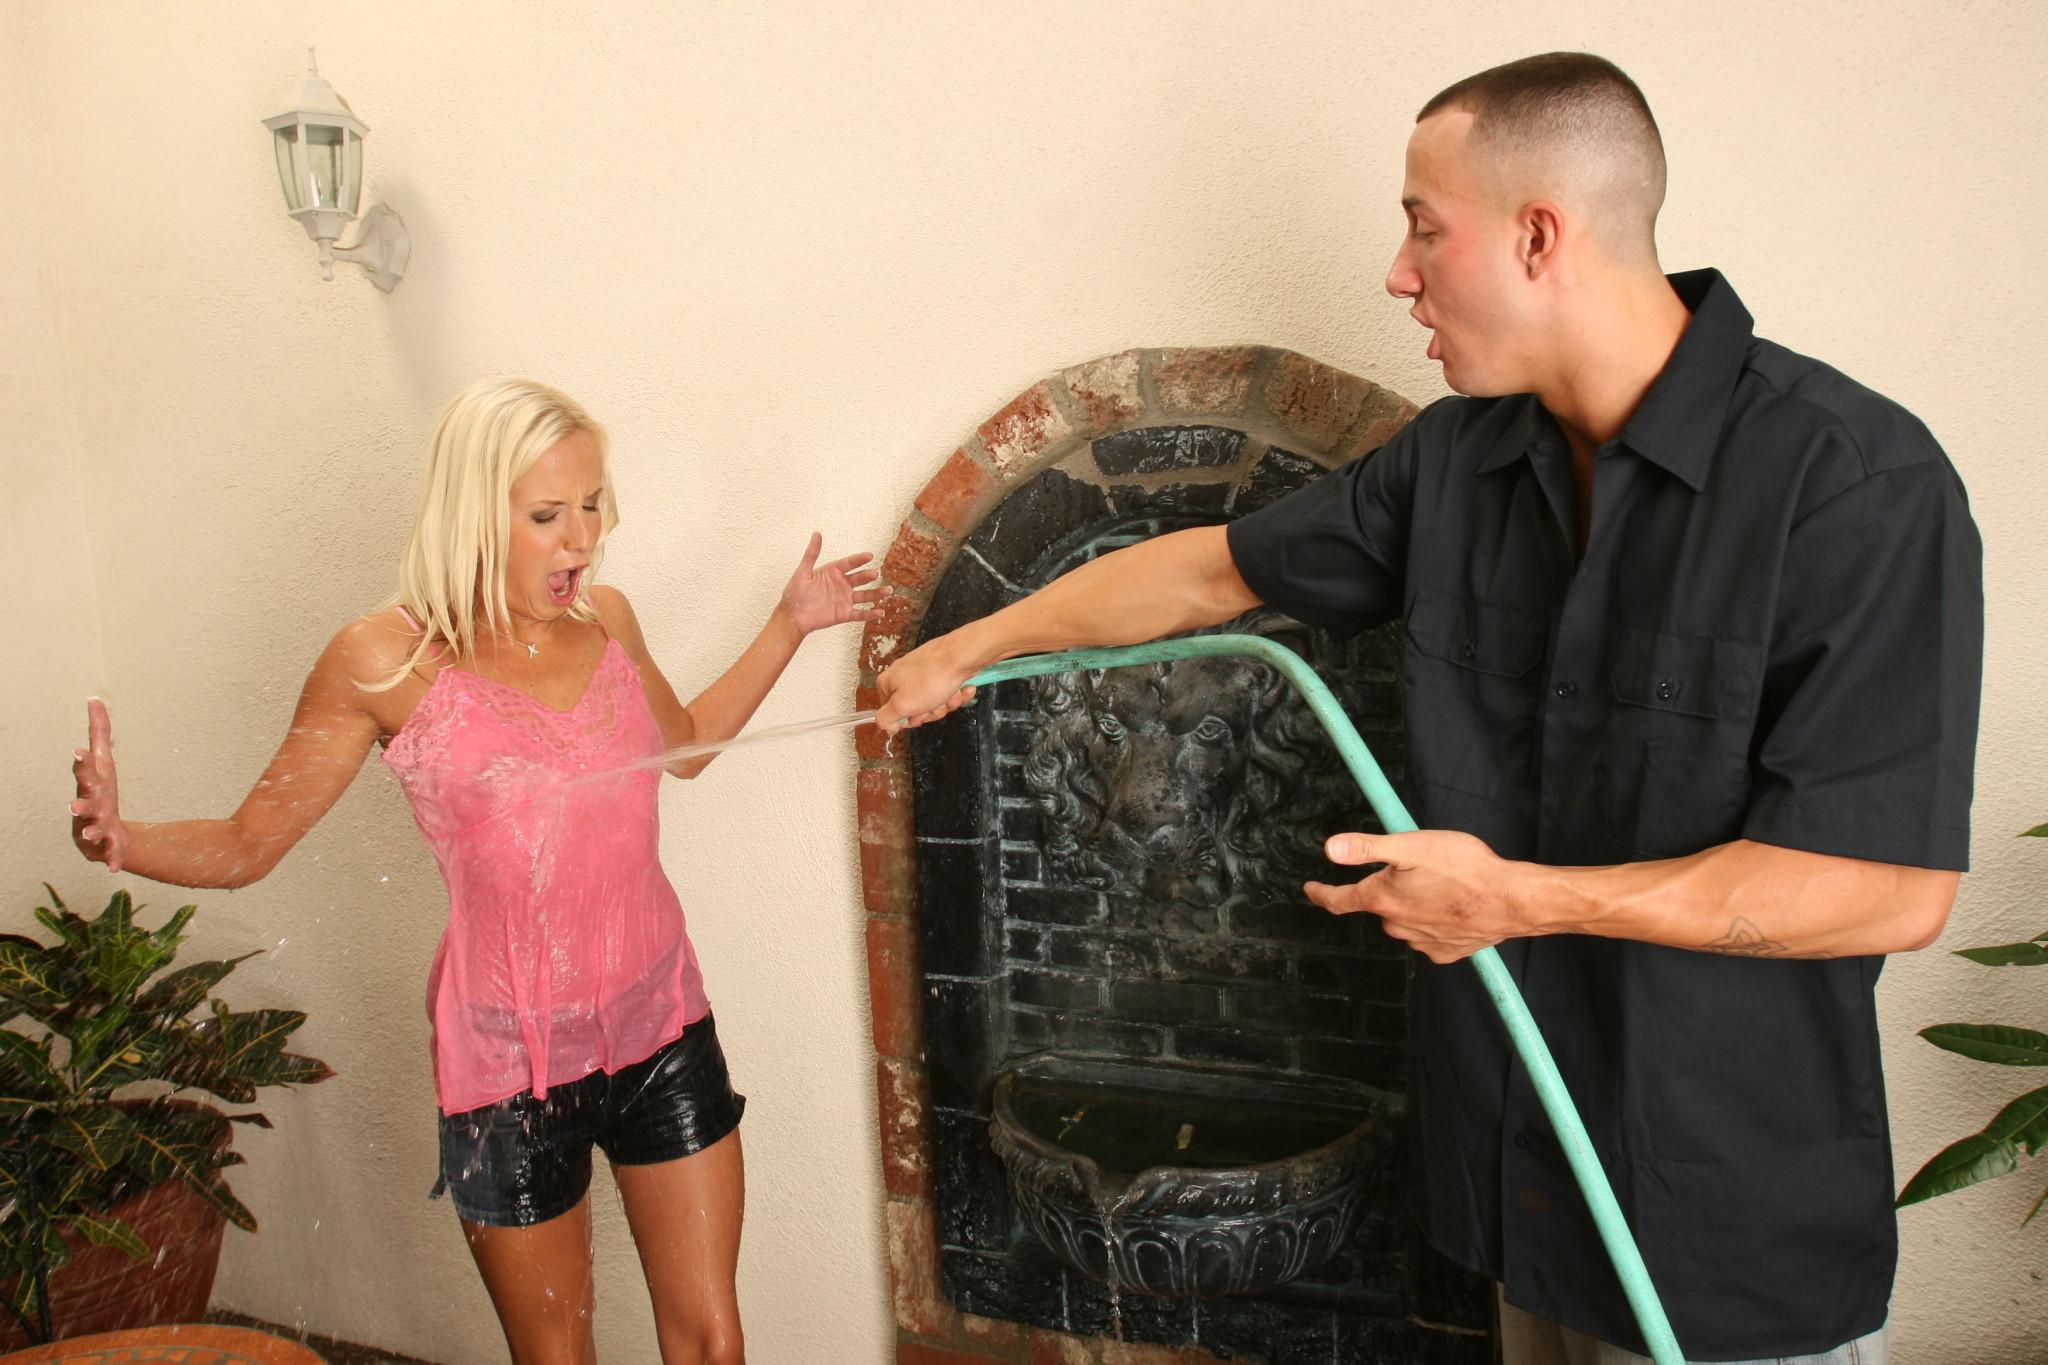 Эден Ажамс пригласил соседку в дом, облил водой и дал отсосать большой член, хоть она и боялась его брать